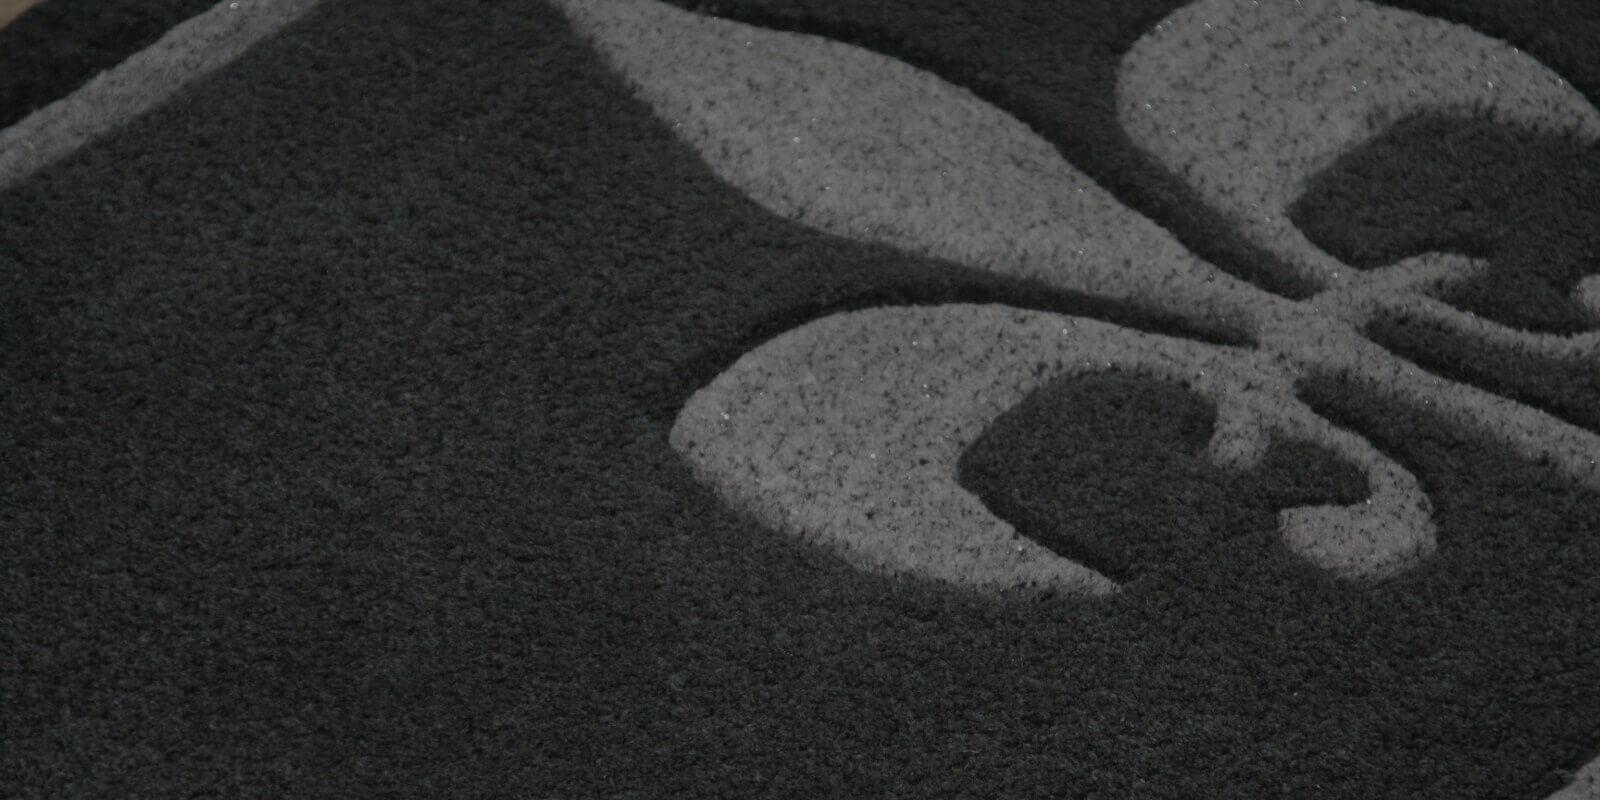 DREBERG DESIGN - Fußmatten, Eingangsteppiche und Badezimmermatten